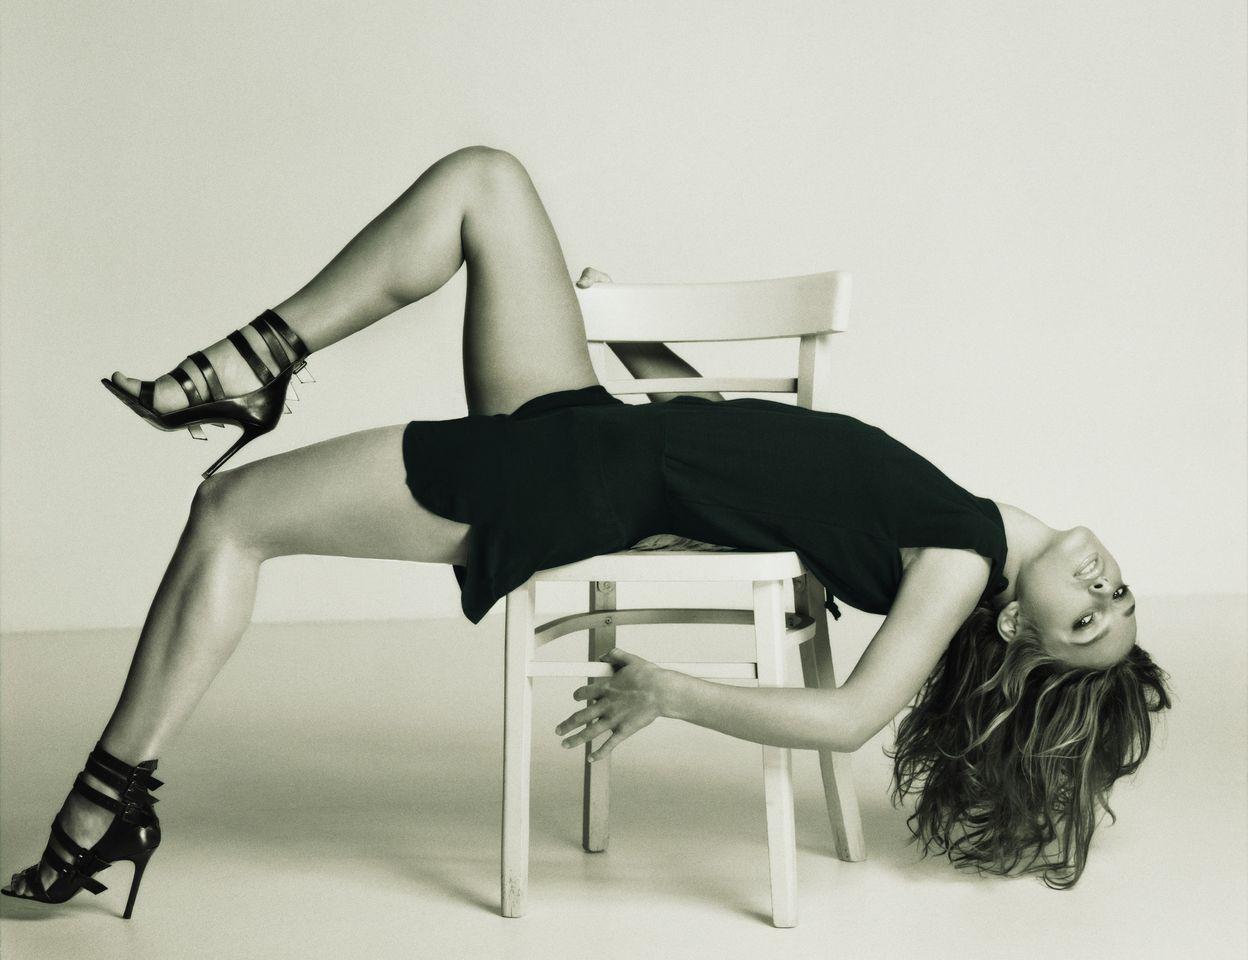 Кира Найтли в фотосессии Кеннета Вилларда для журнала GQ